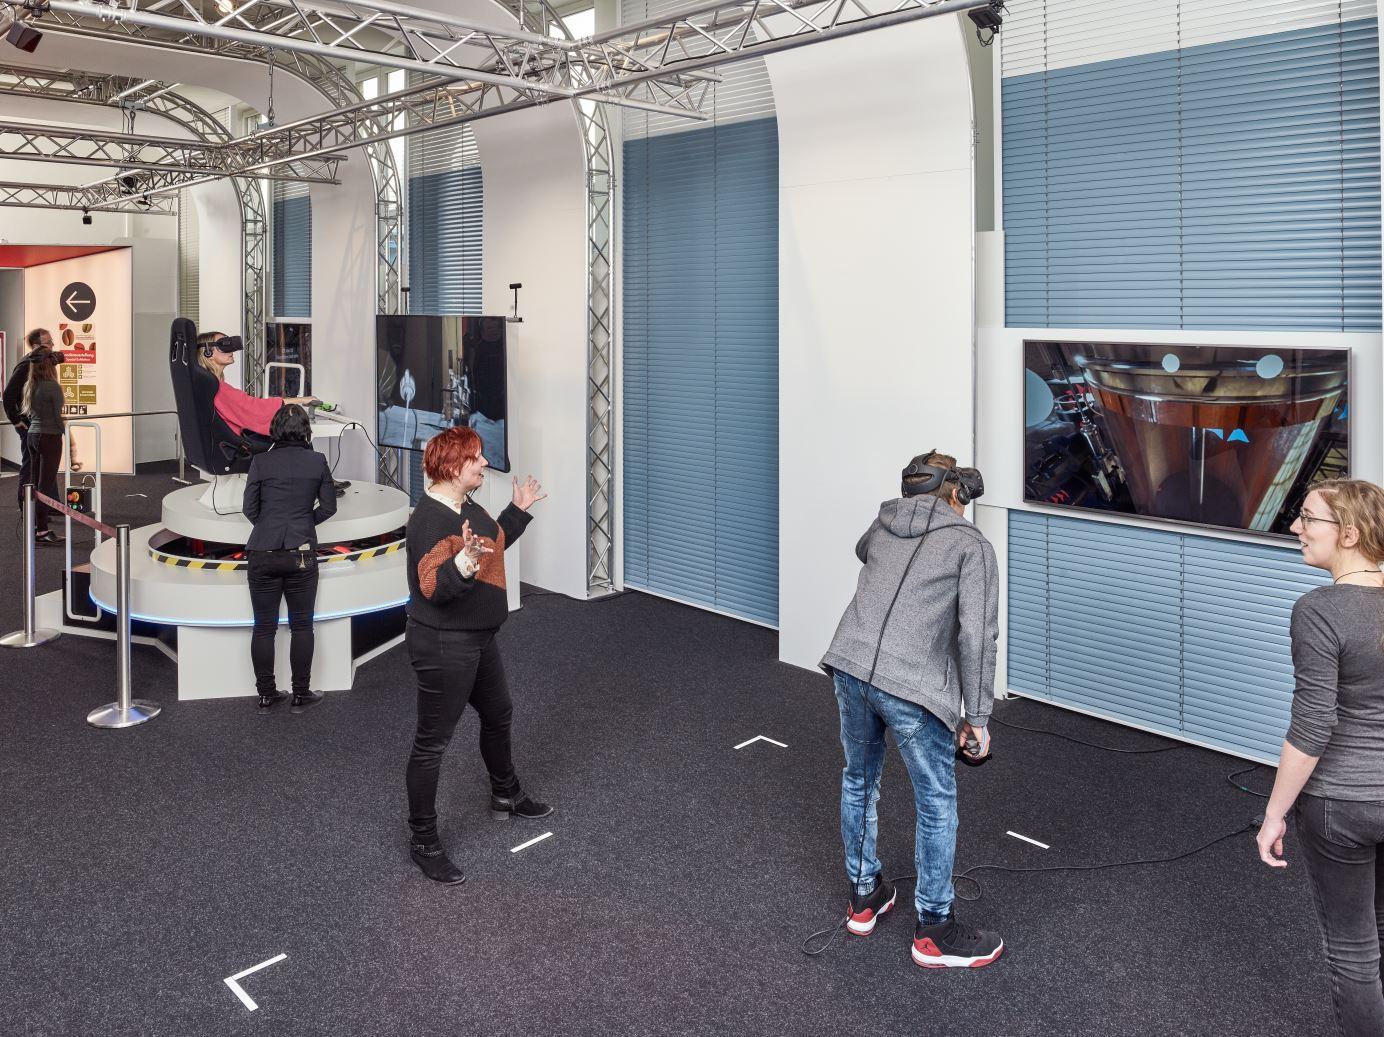 Ein reibungsloser Betrieb von VR braucht ein detailliertes Konzept